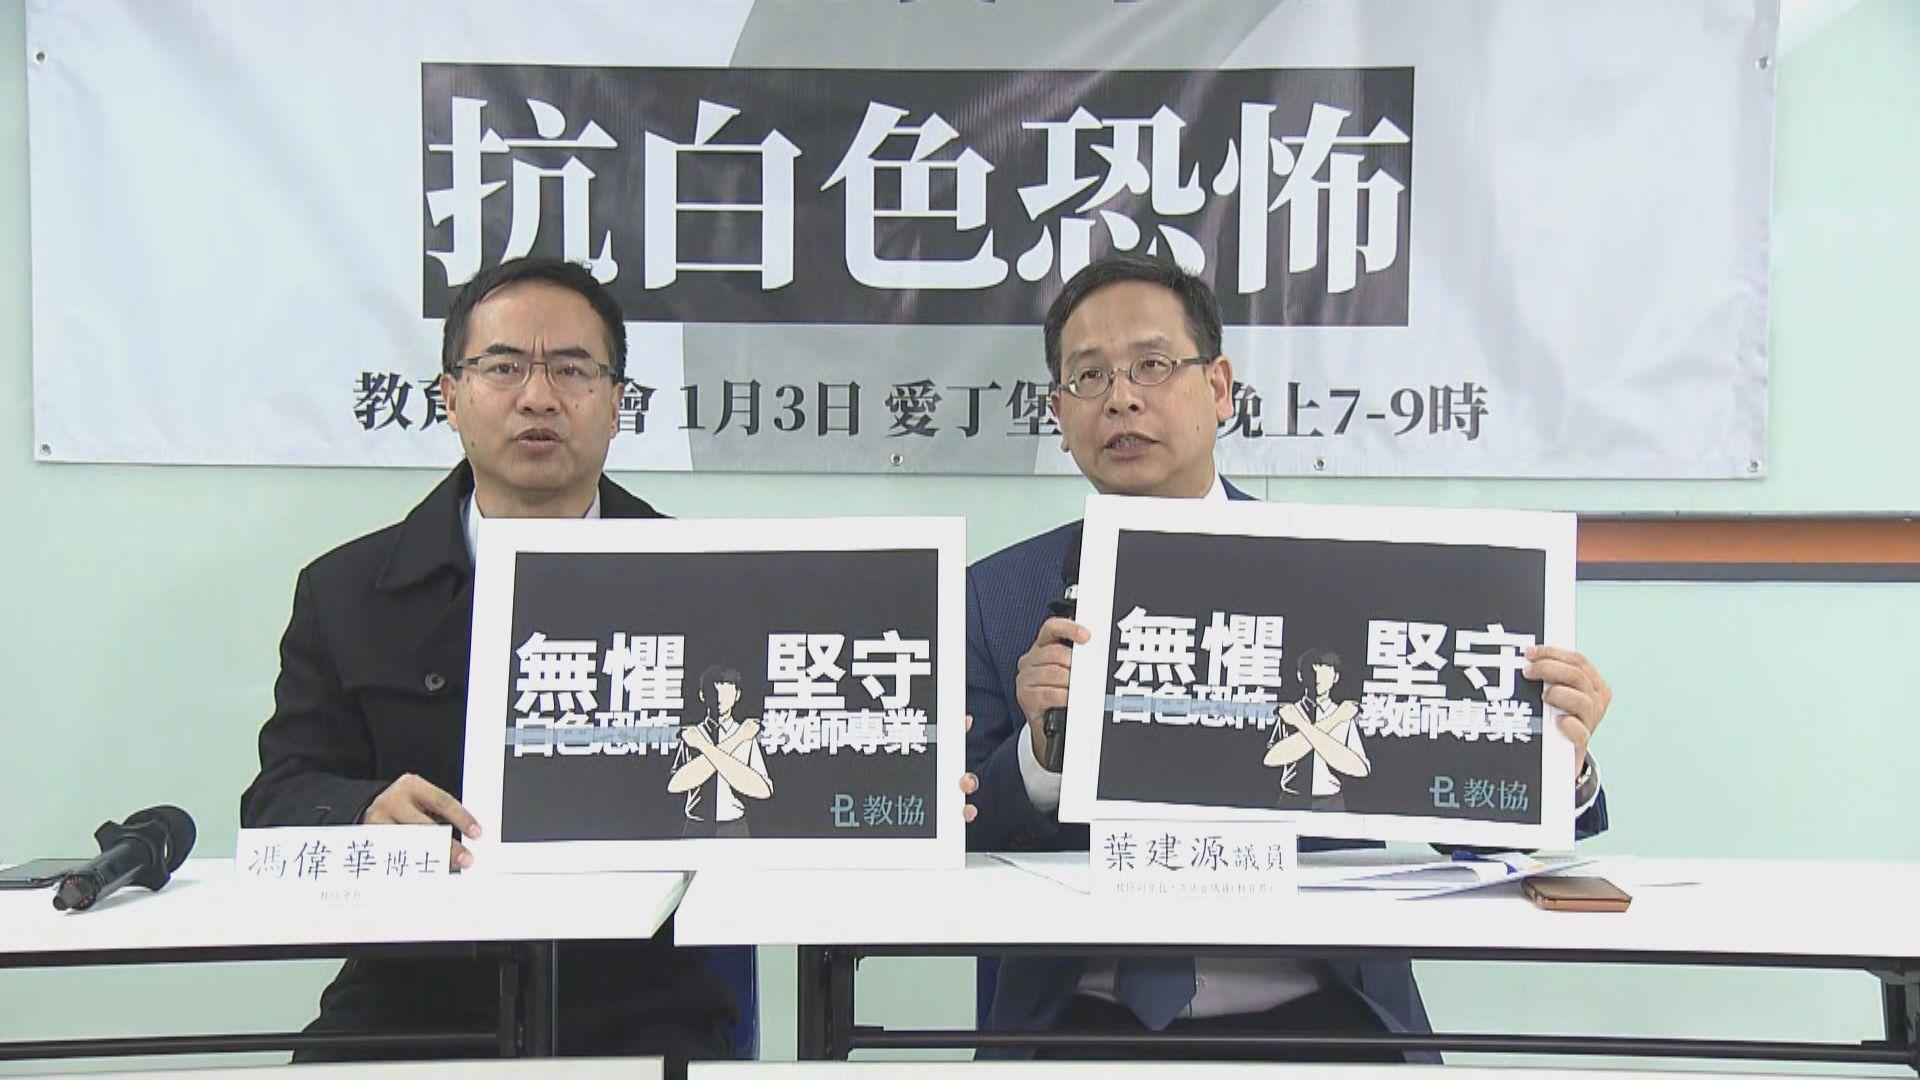 教協周五舉辦集會批評政府打壓教育界